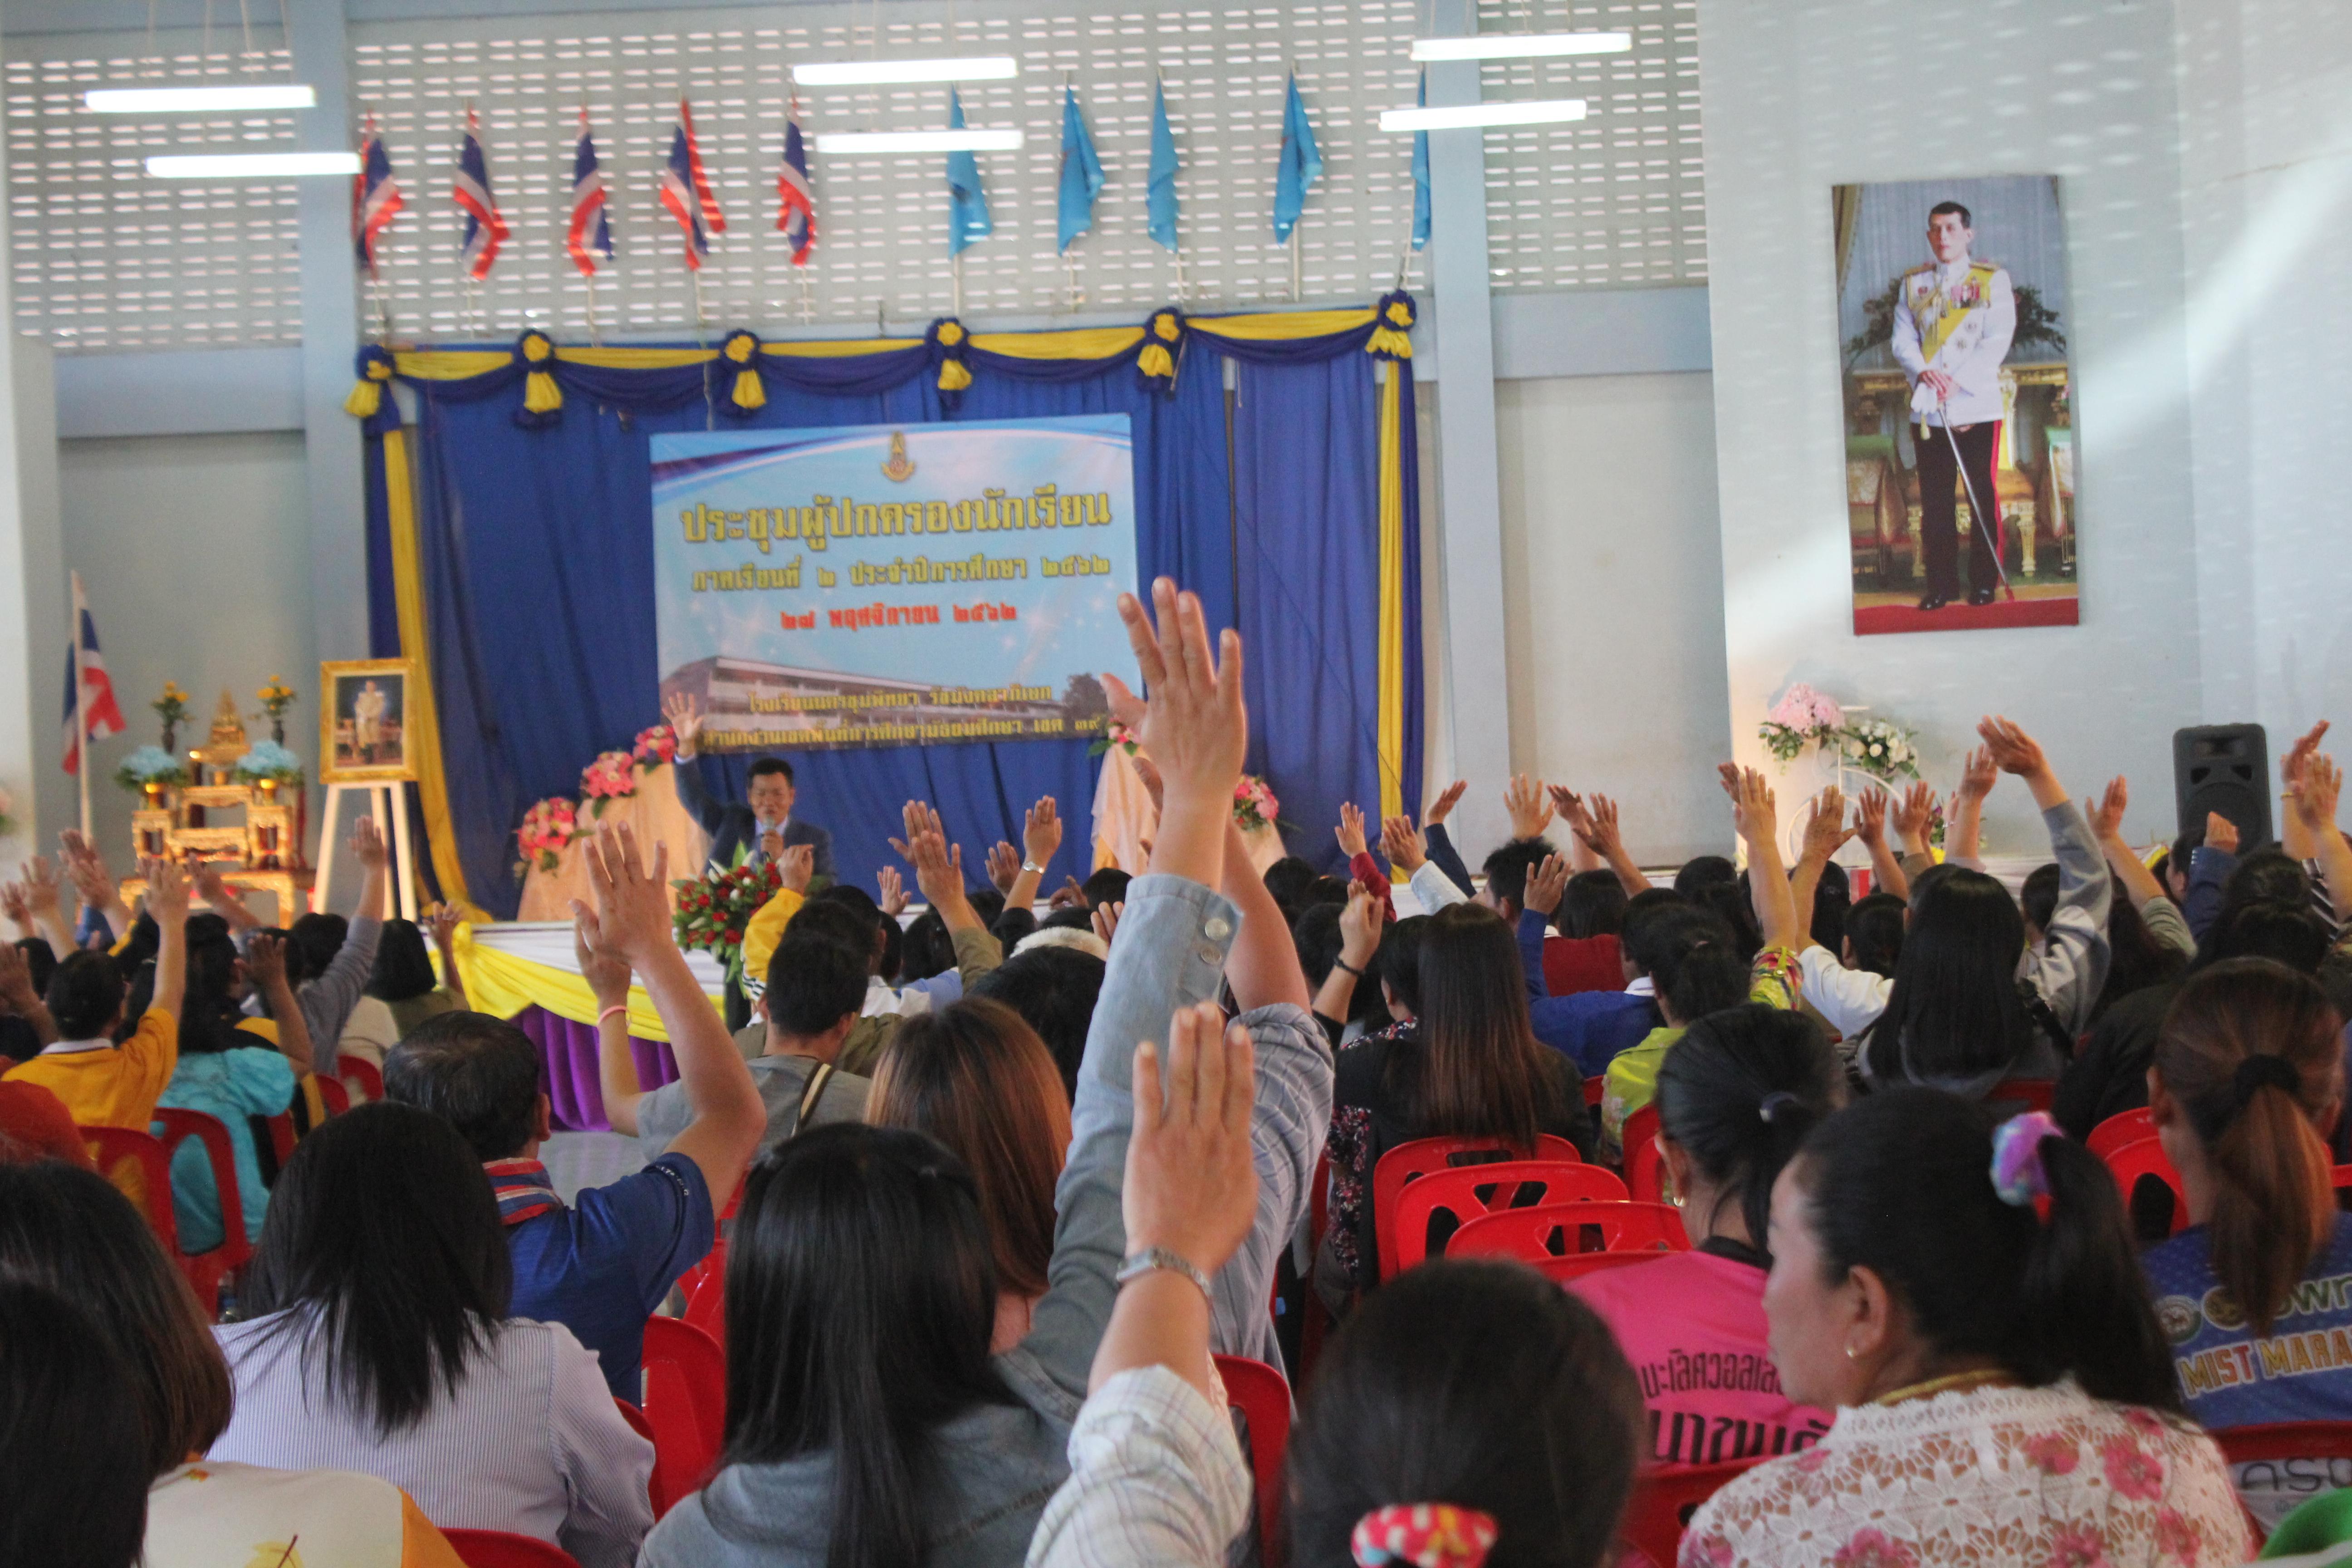 กิจกรรมวันประชุมผู้ปกครอง ภาคเรียนที่ 2/2562